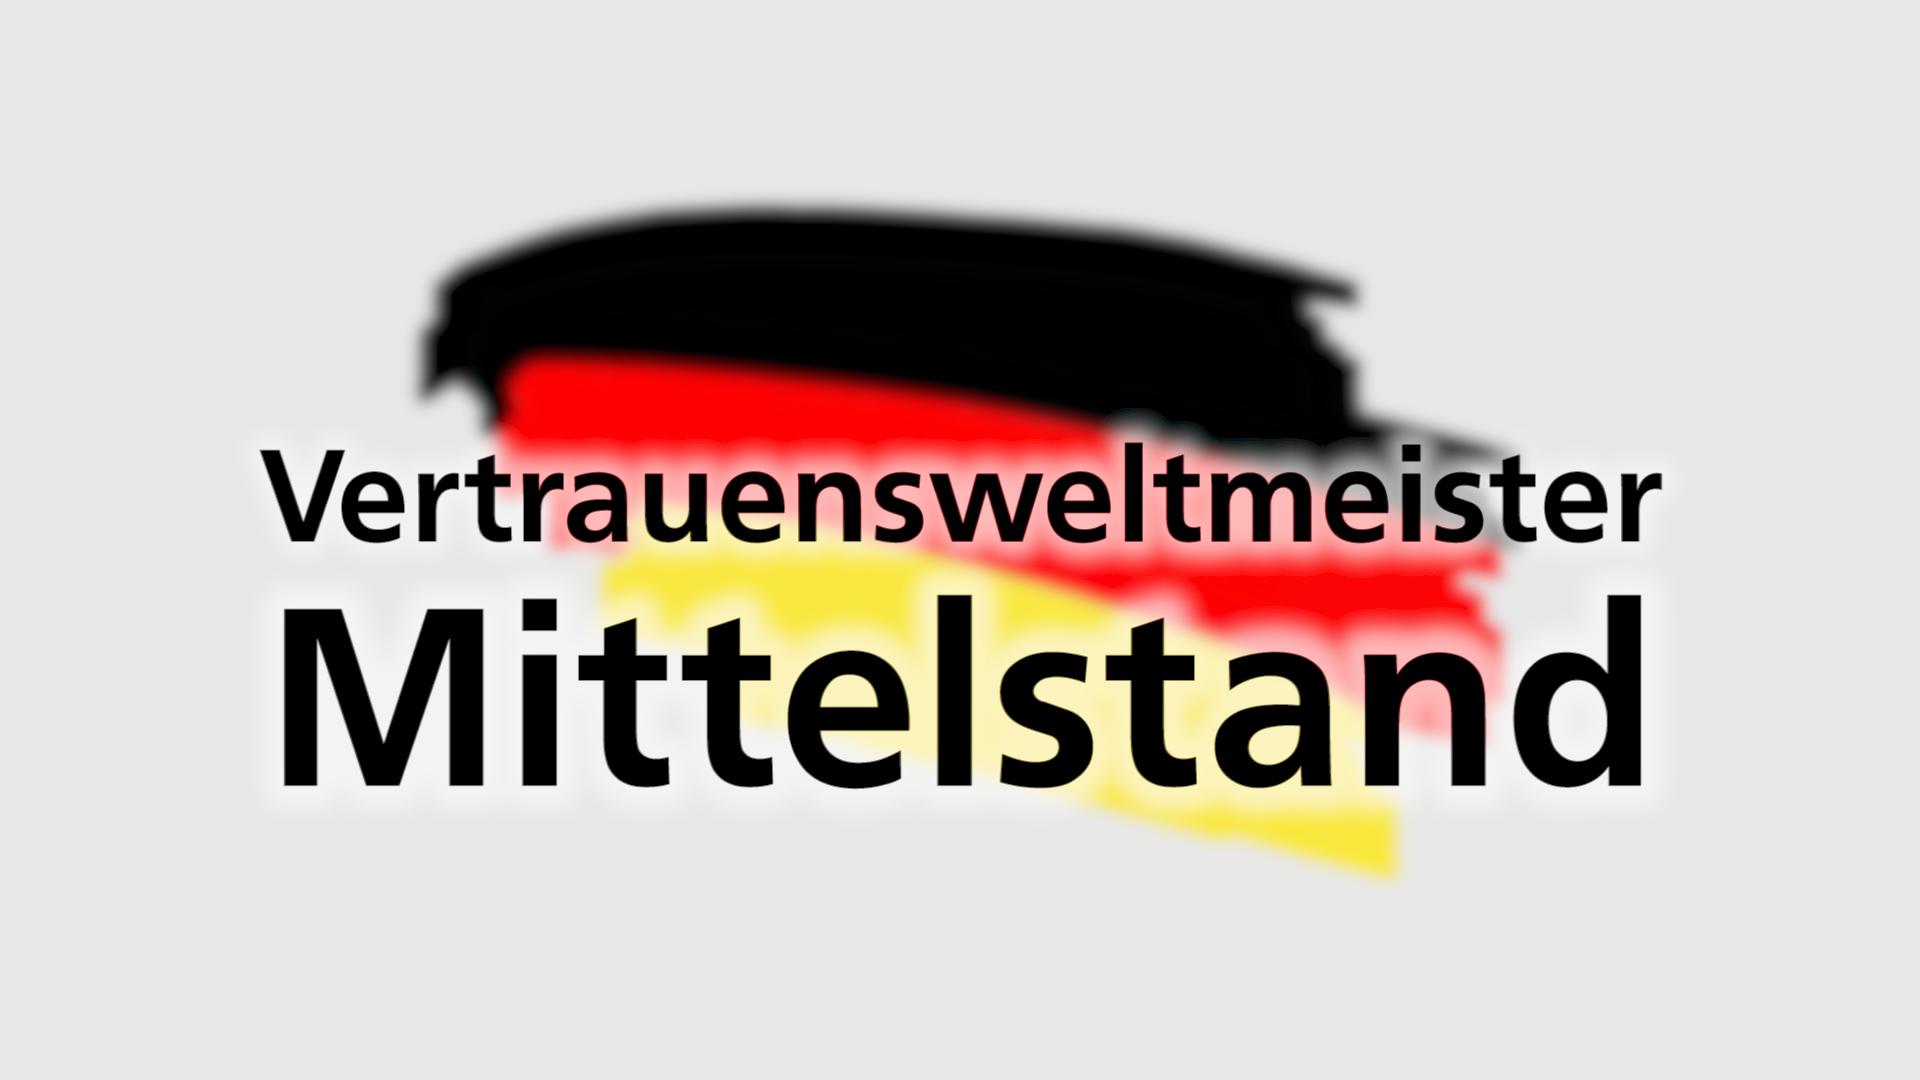 20150824_Vertrauenswletmeister Mittelstand_Kolumne Friedrich